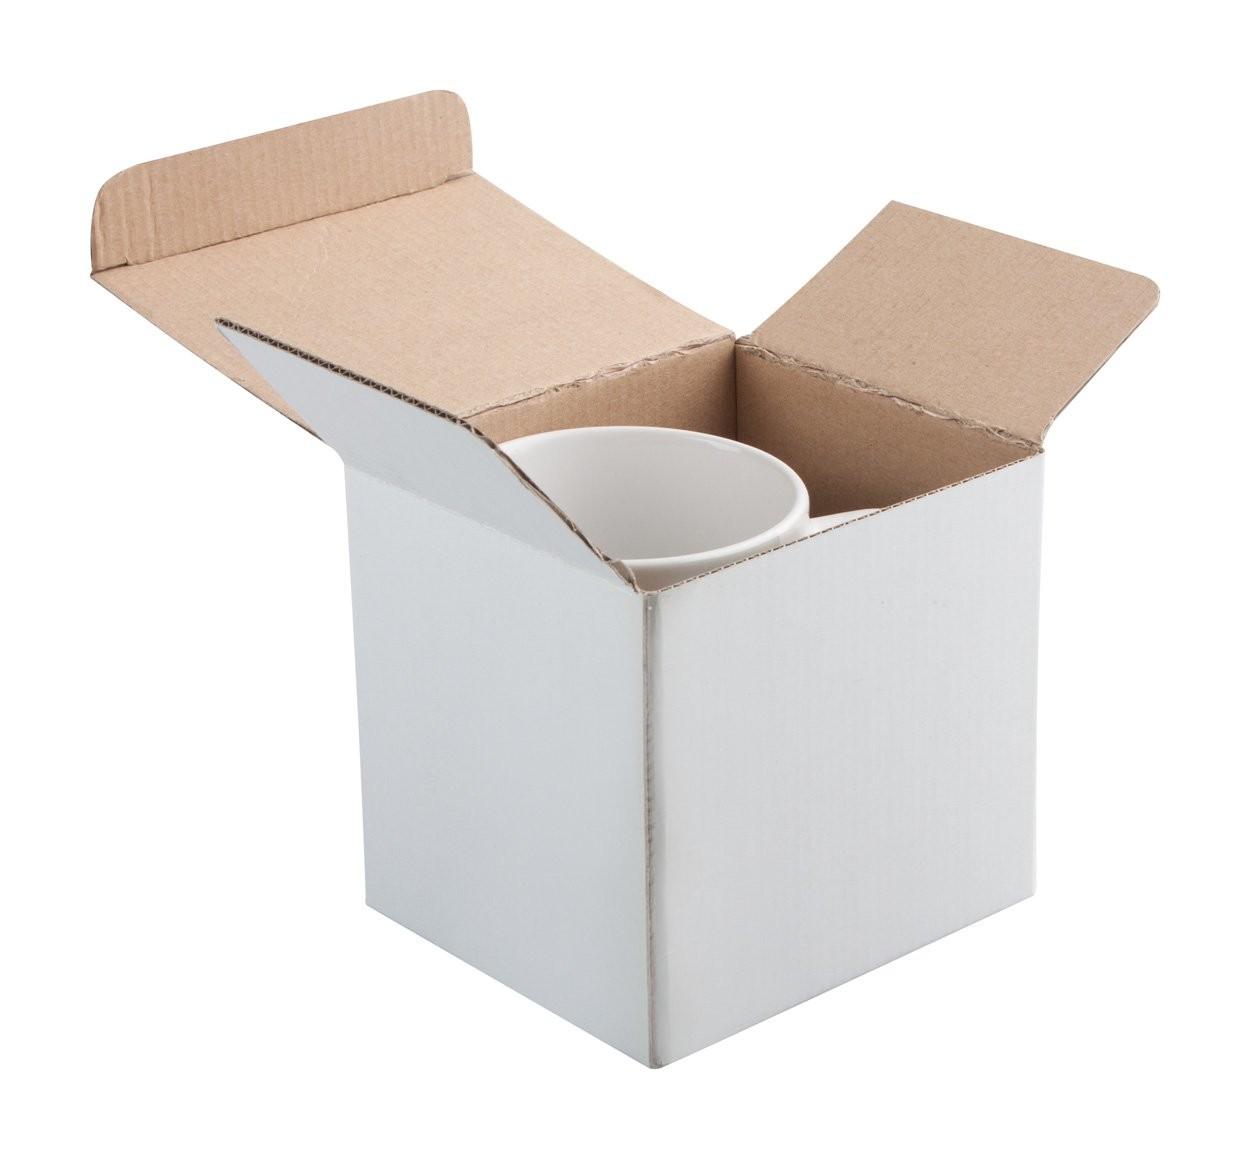 Karton Geschenkbox Three, Ansicht 3